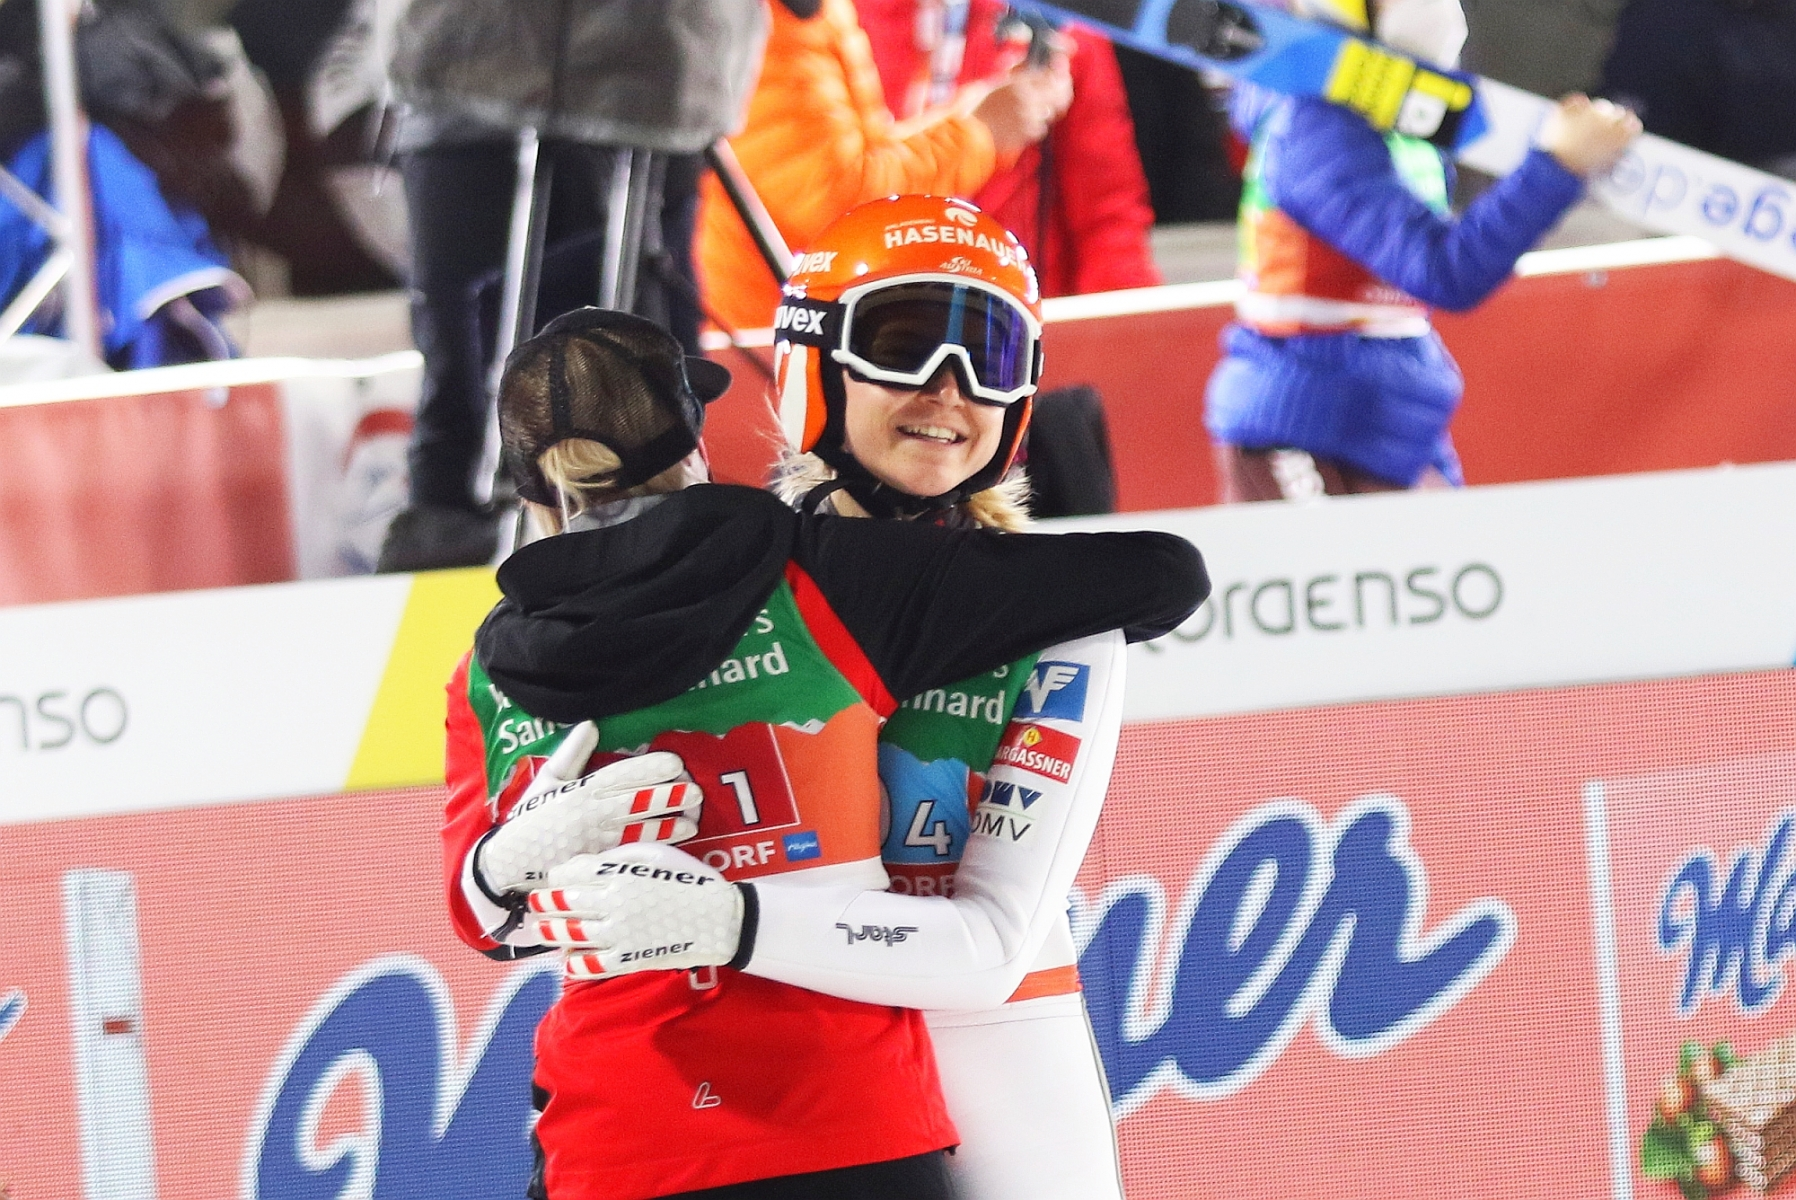 MŚ Oberstdorf: Seria próbna dla Austriaków, Polacy z siódmym wynikiem